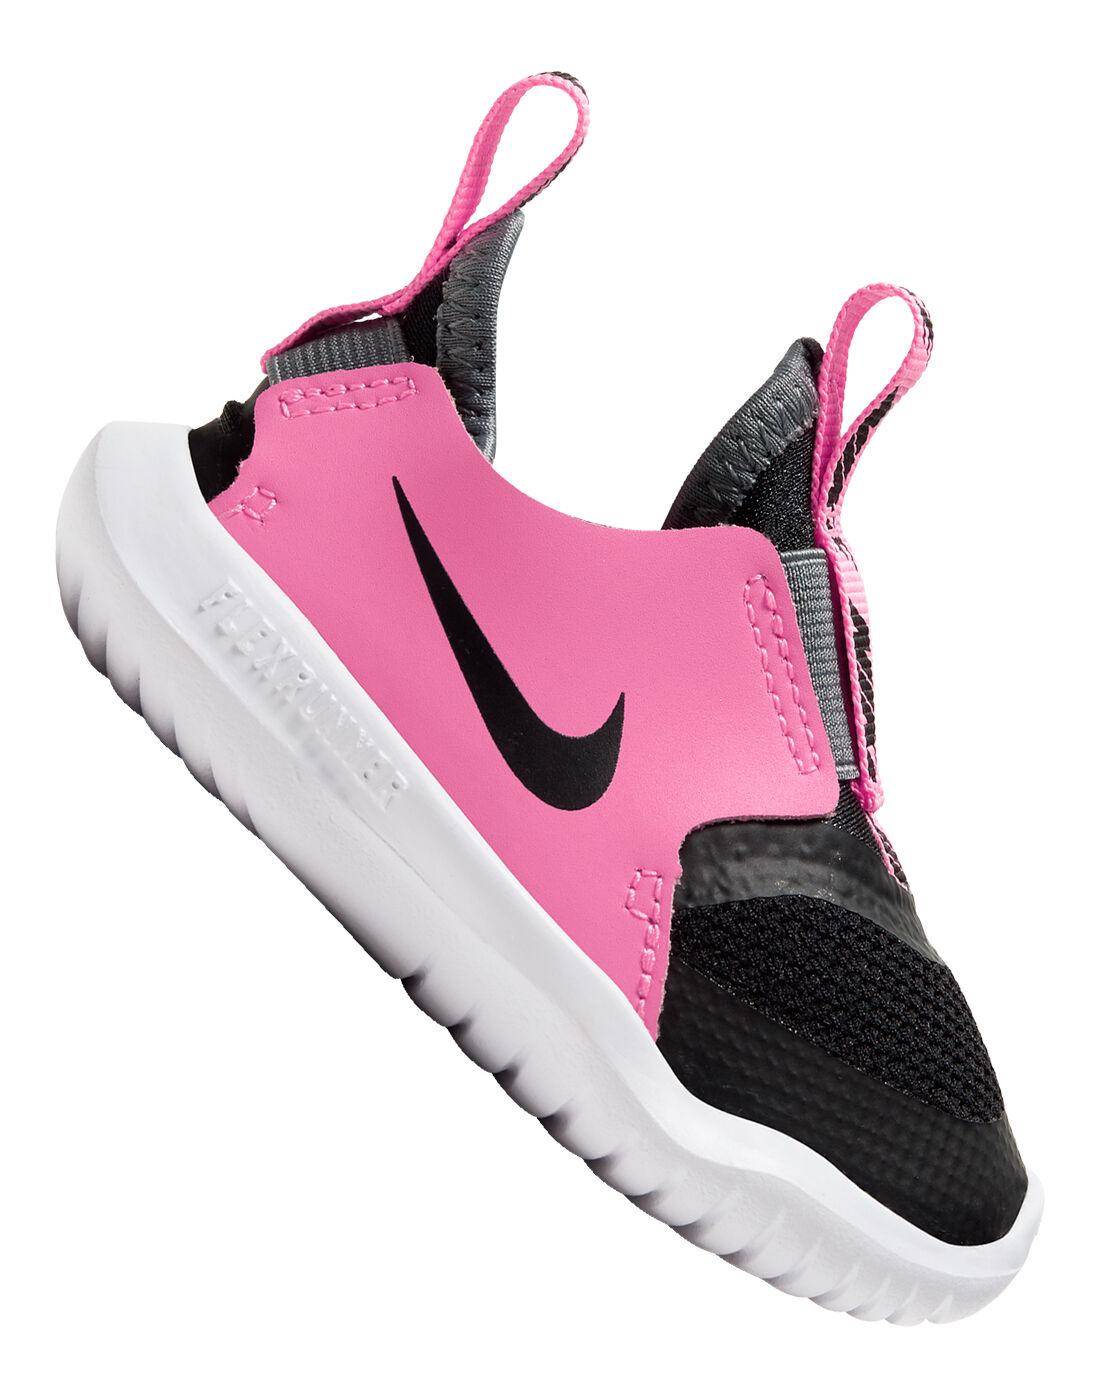 Nike Infant Girls Flex Runner - Black